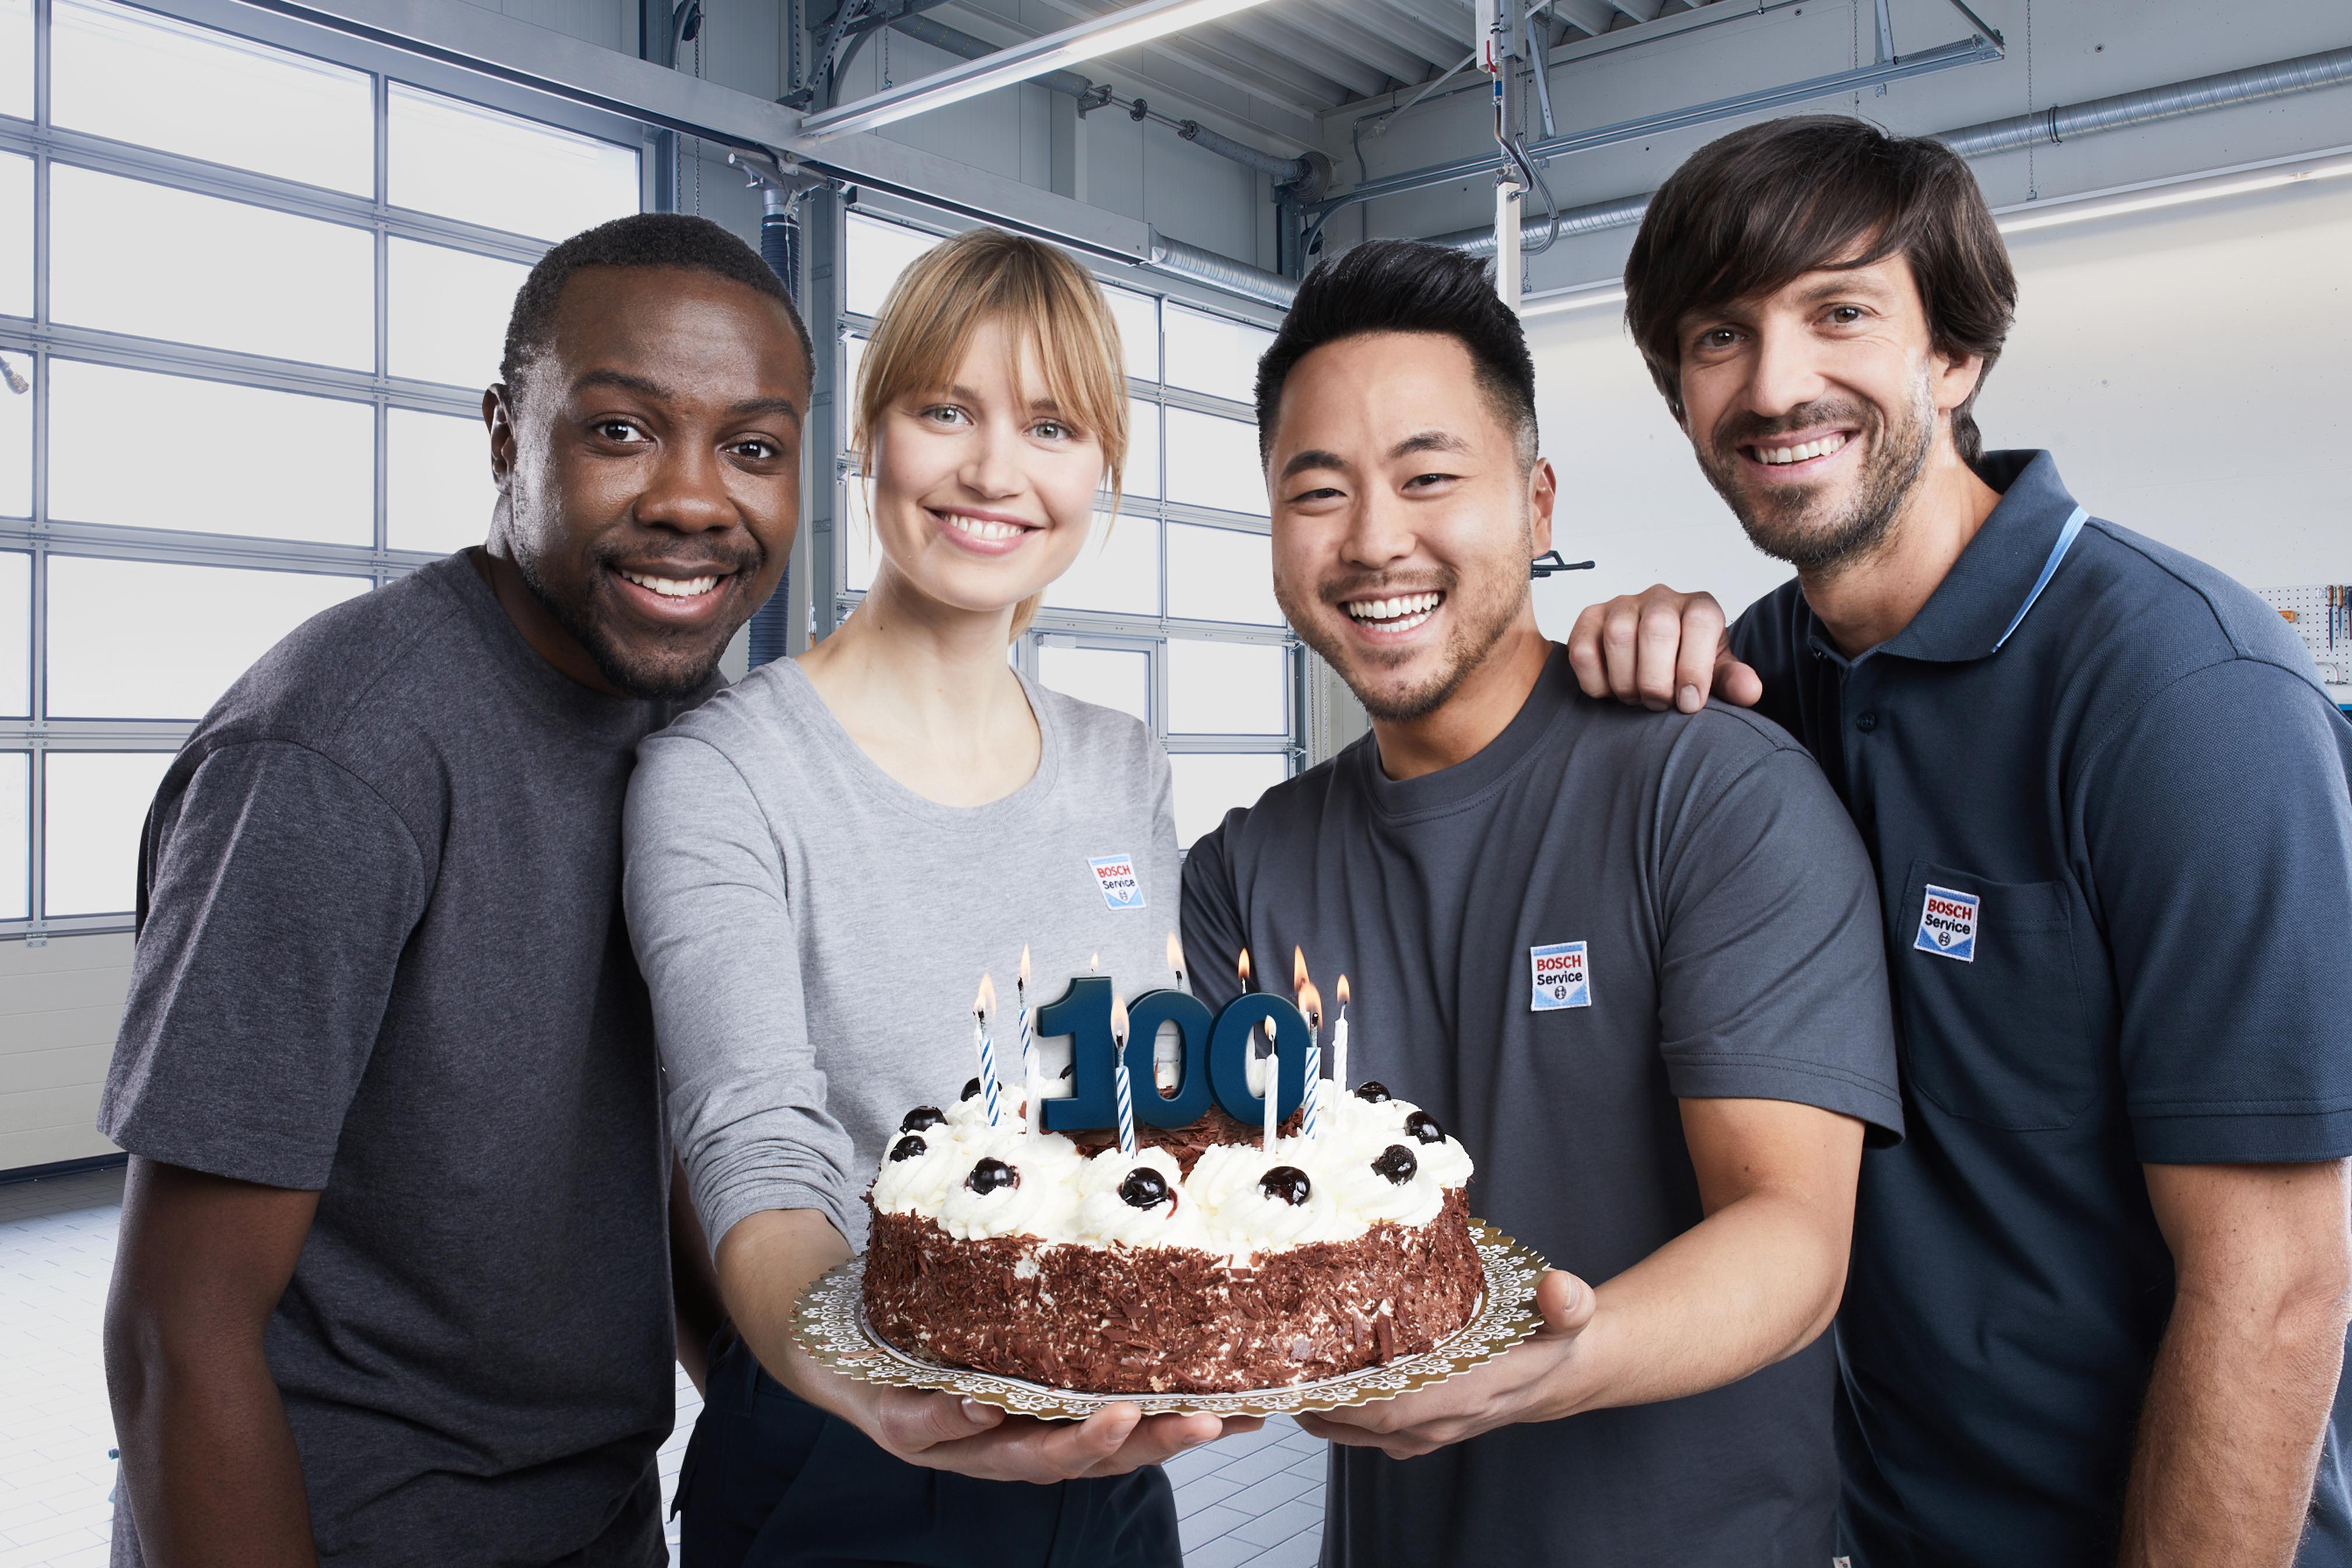 100 Jahre jung: 1921 war die Geburtsstunde der Bosch Dienste und Start einer globalen Erfolgsgeschichte.